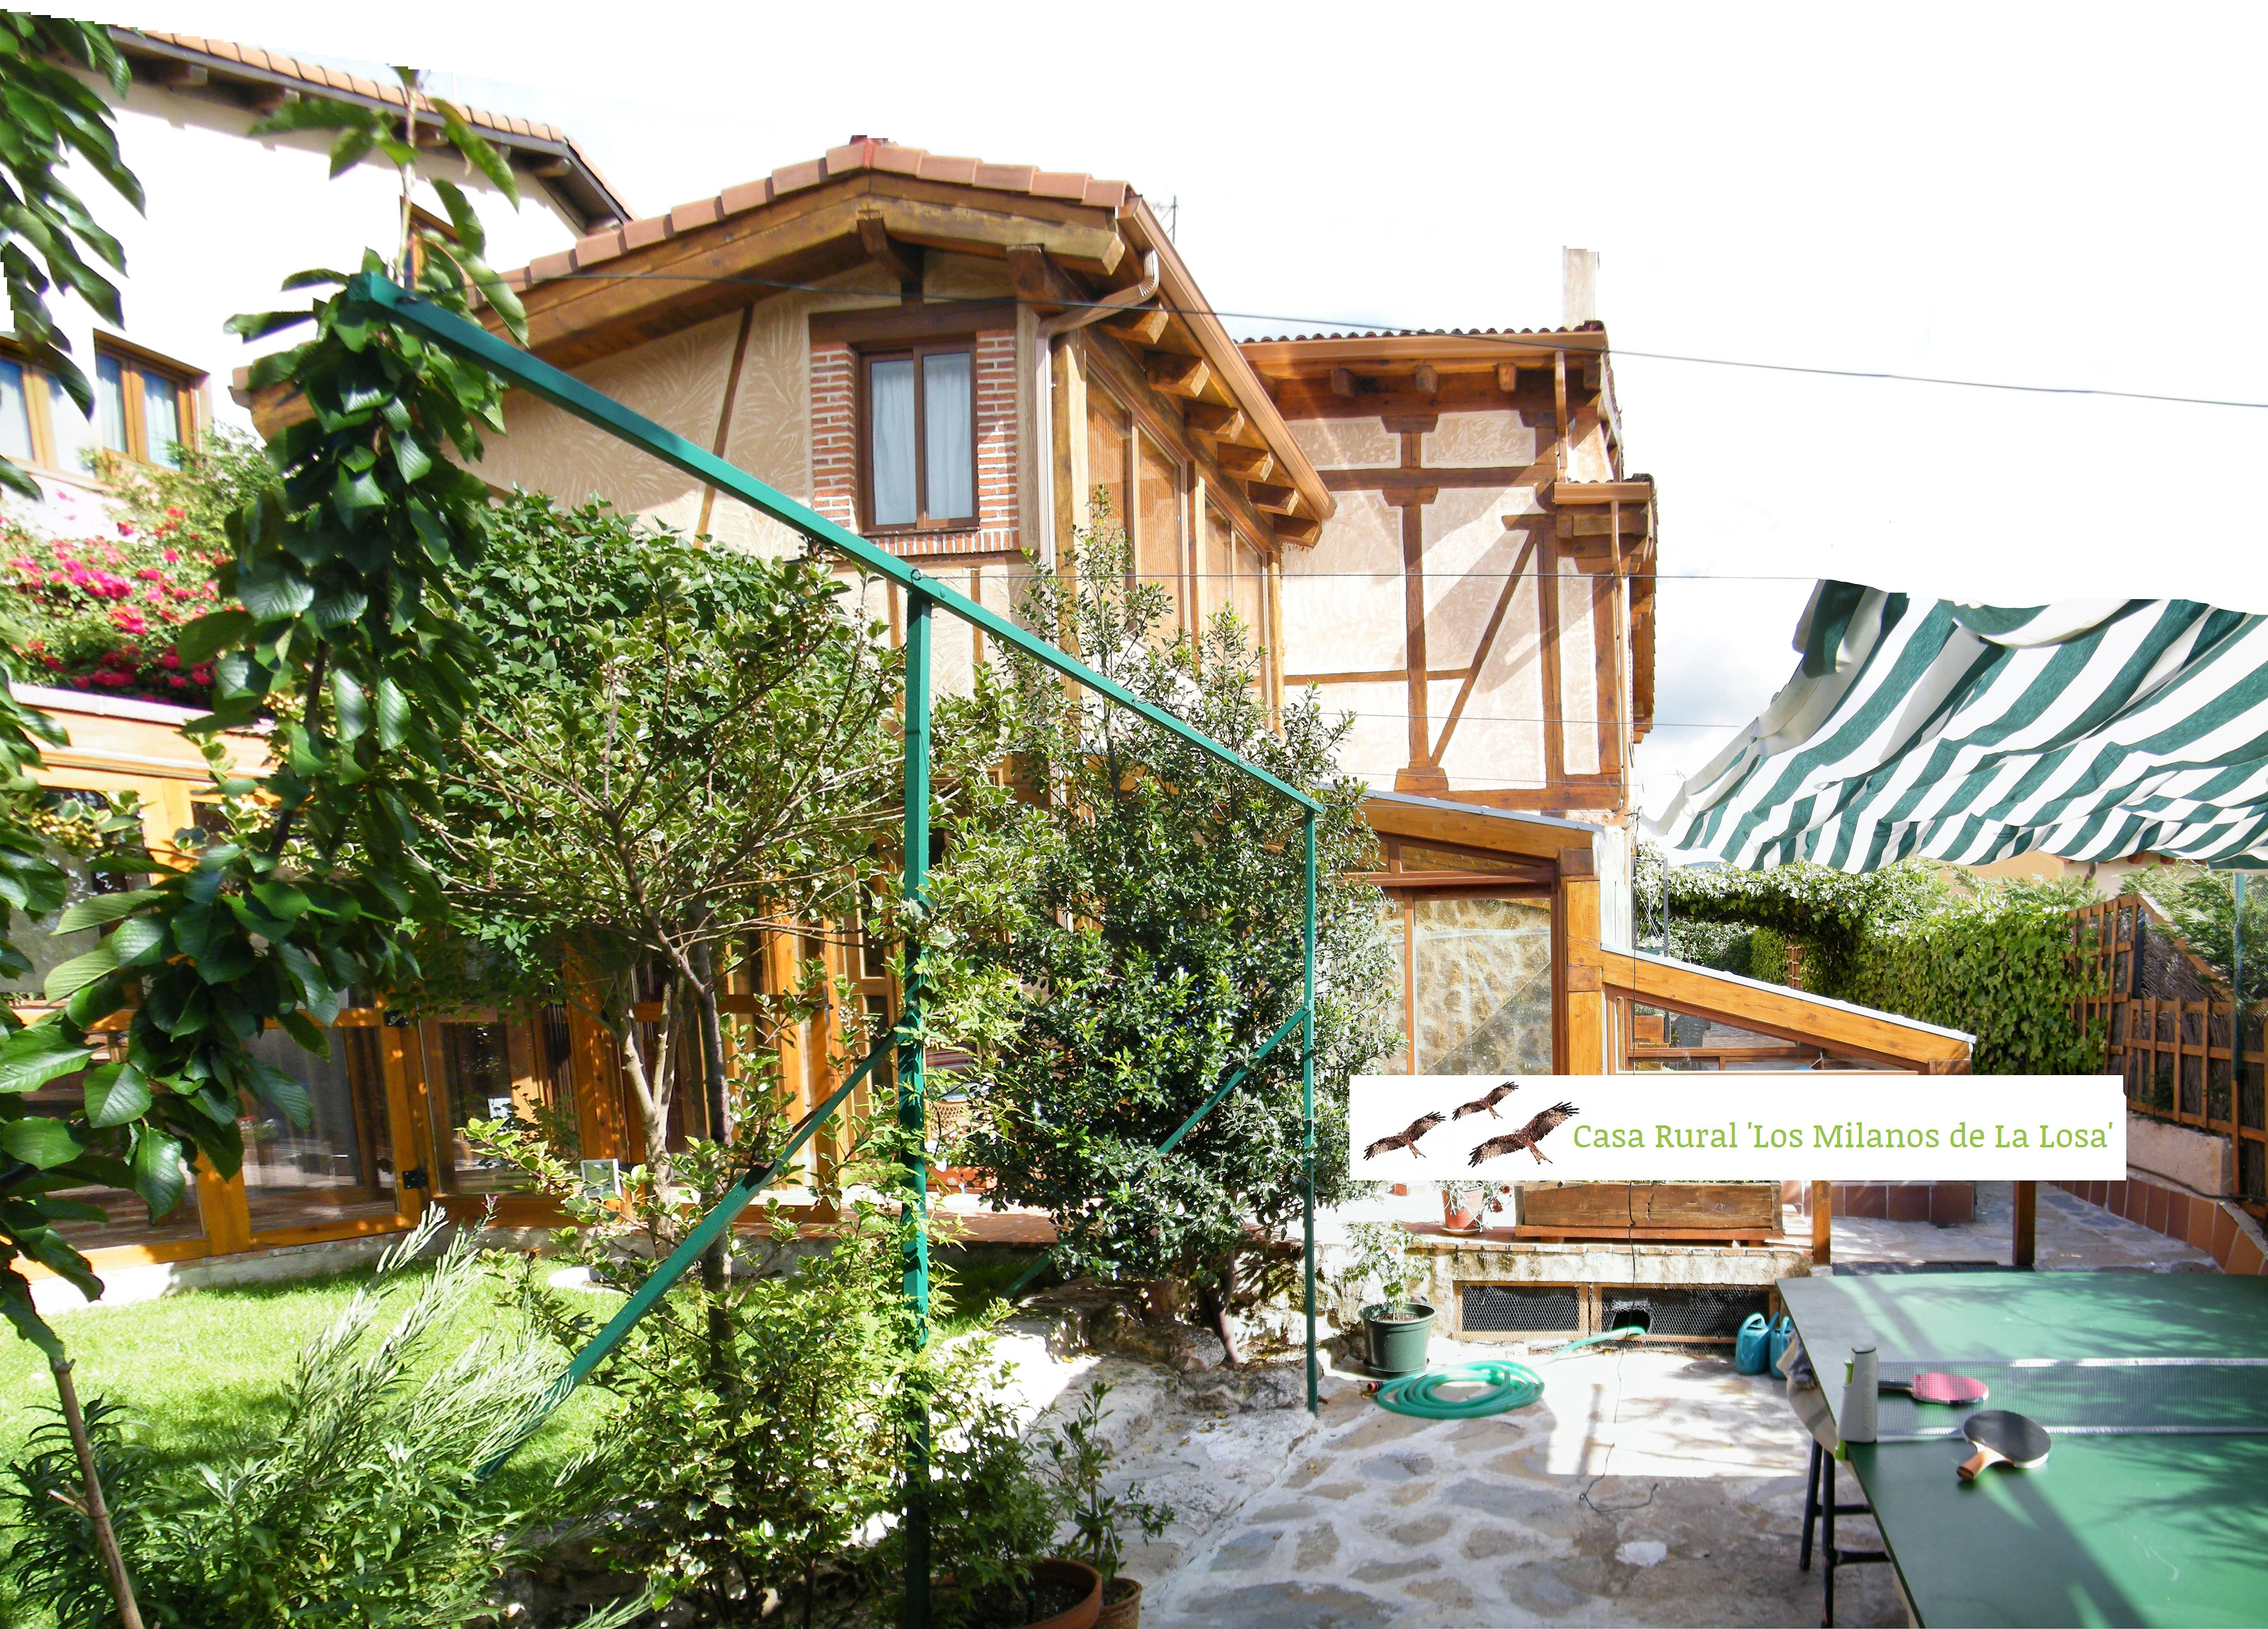 Apartamento en alquiler en losa la la losa segovia parque nacional de la sierra de guadarrama - Alquiler apartamentos segovia ...